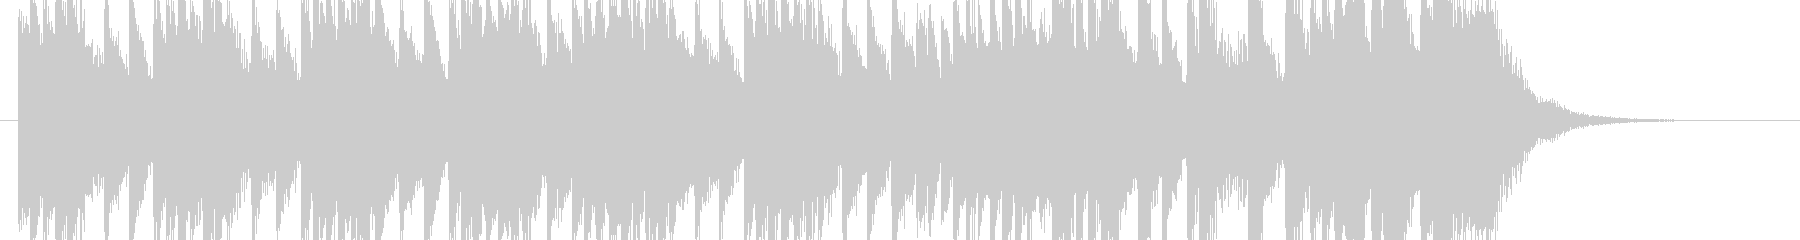 ピアノを使用した透明感のあるジングルですの未再生の波形